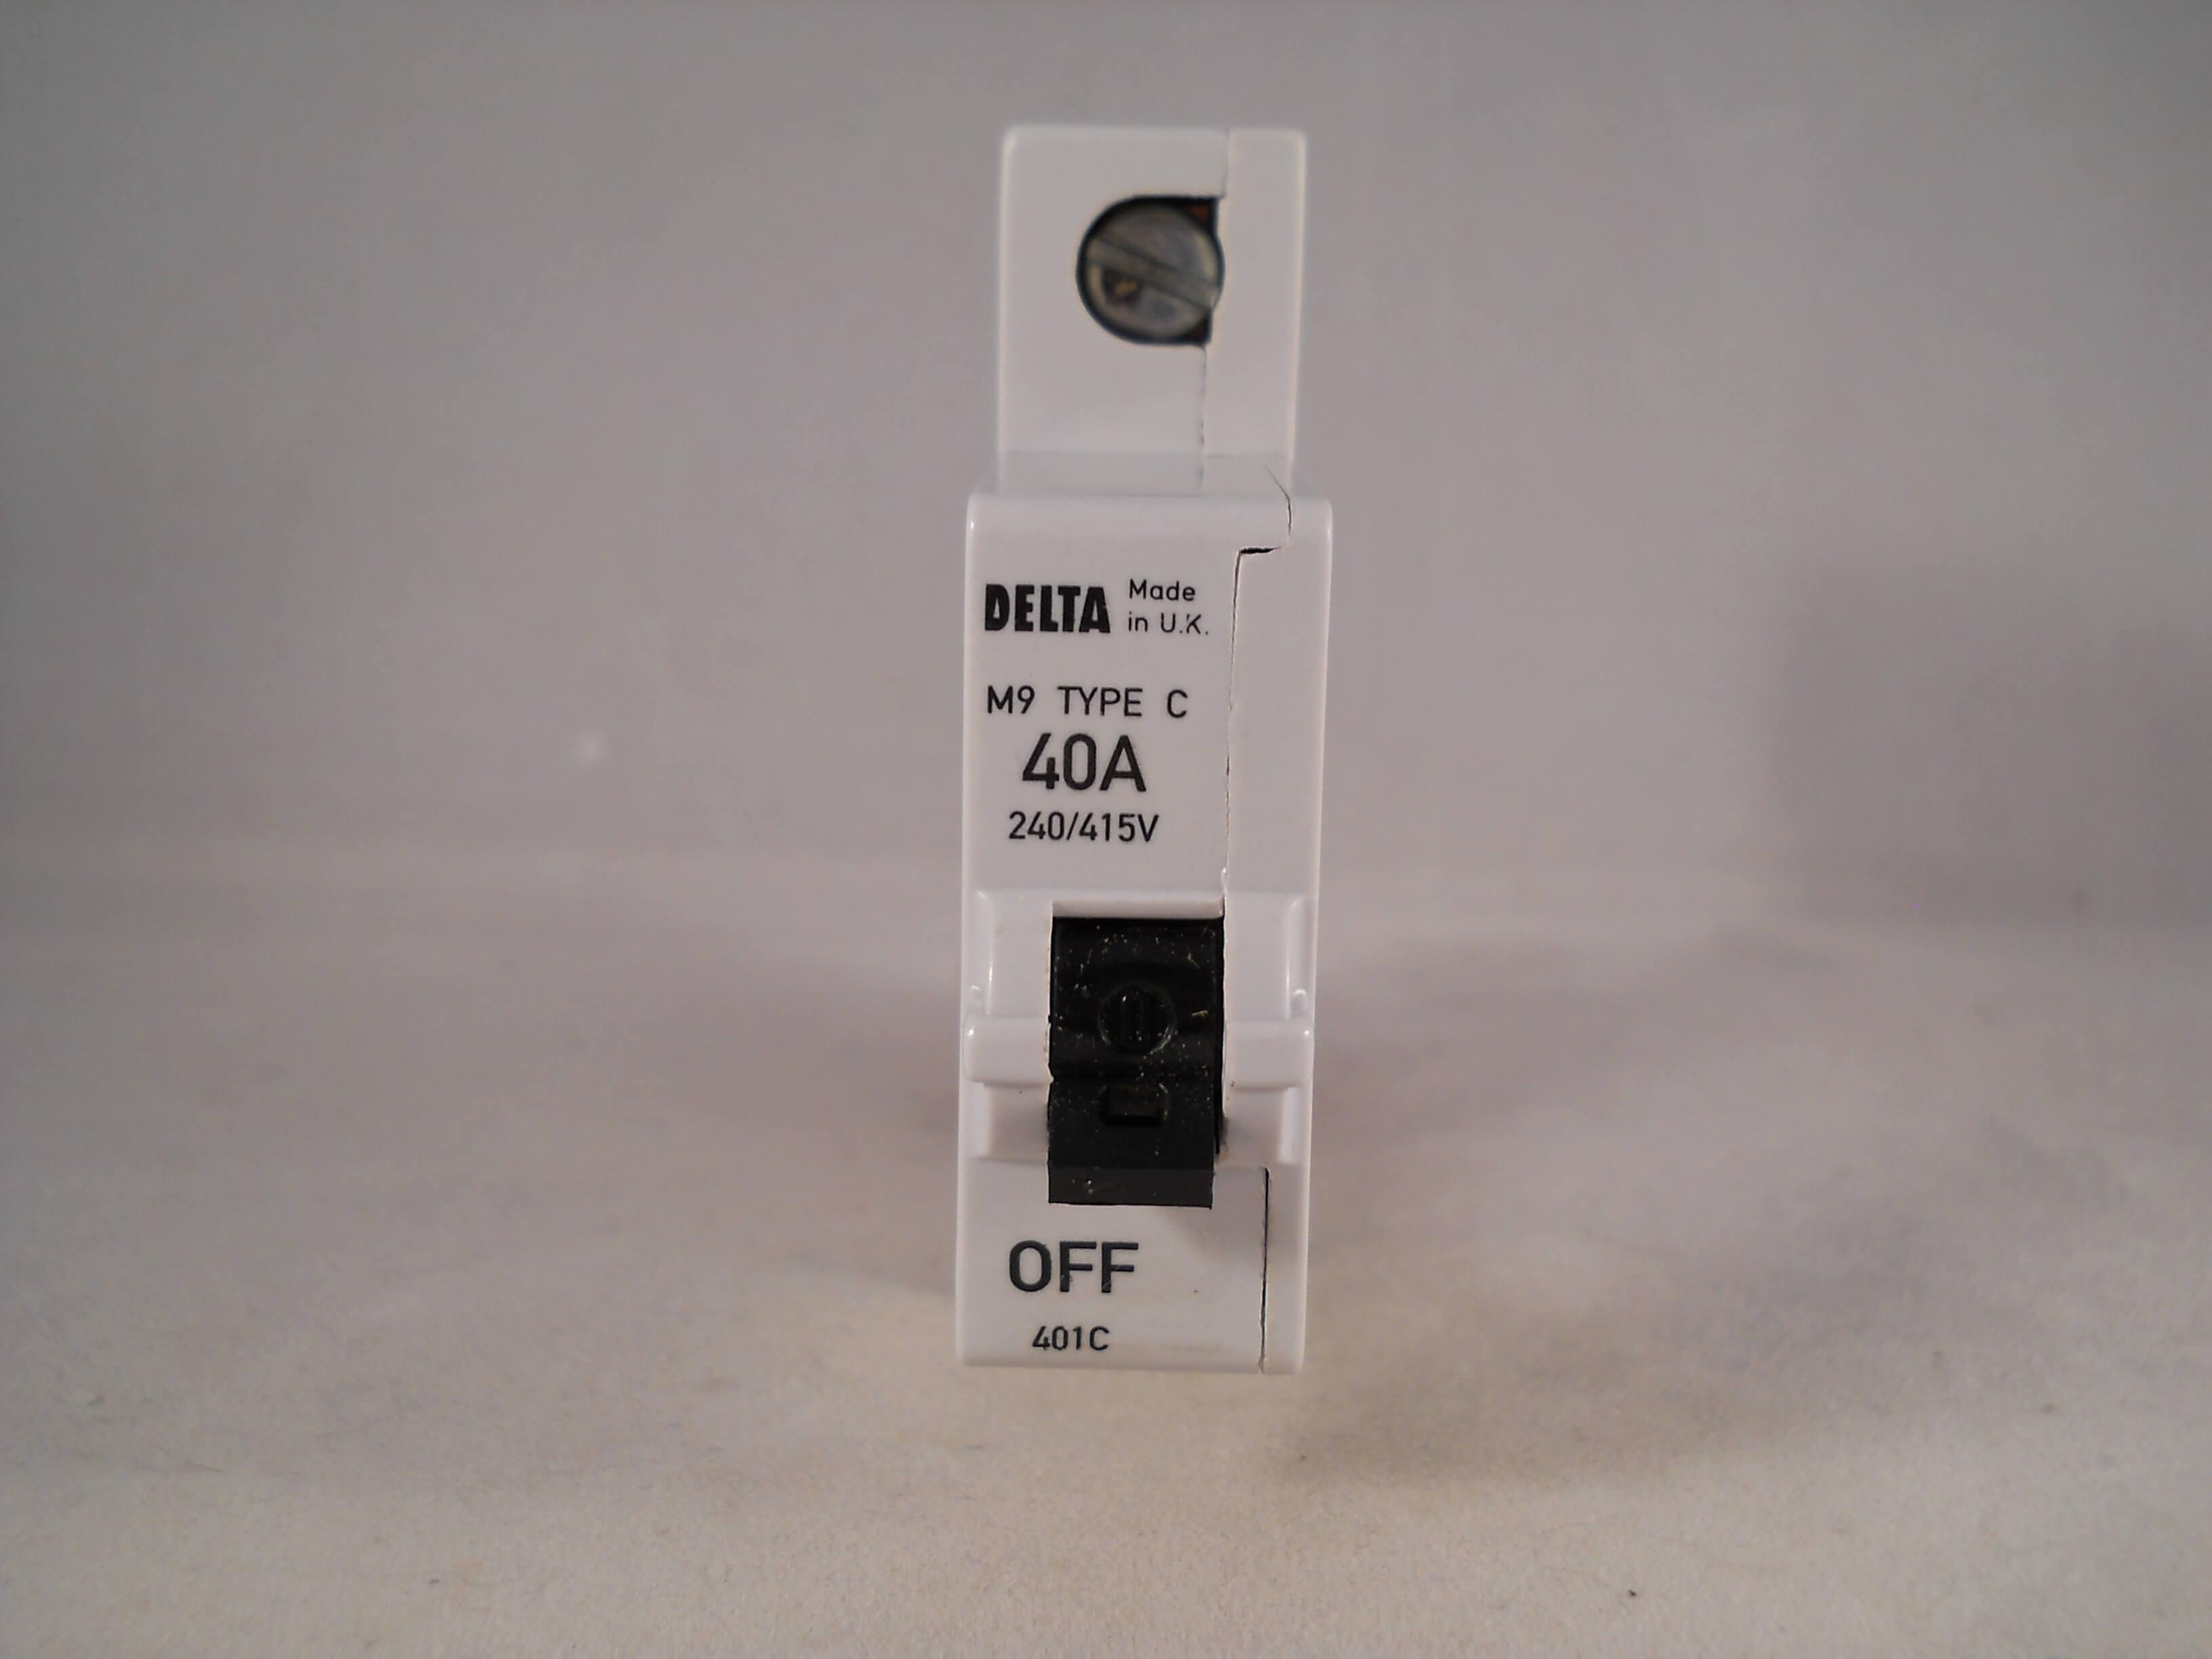 Delta 401C M9 Type C 40Amp MCB